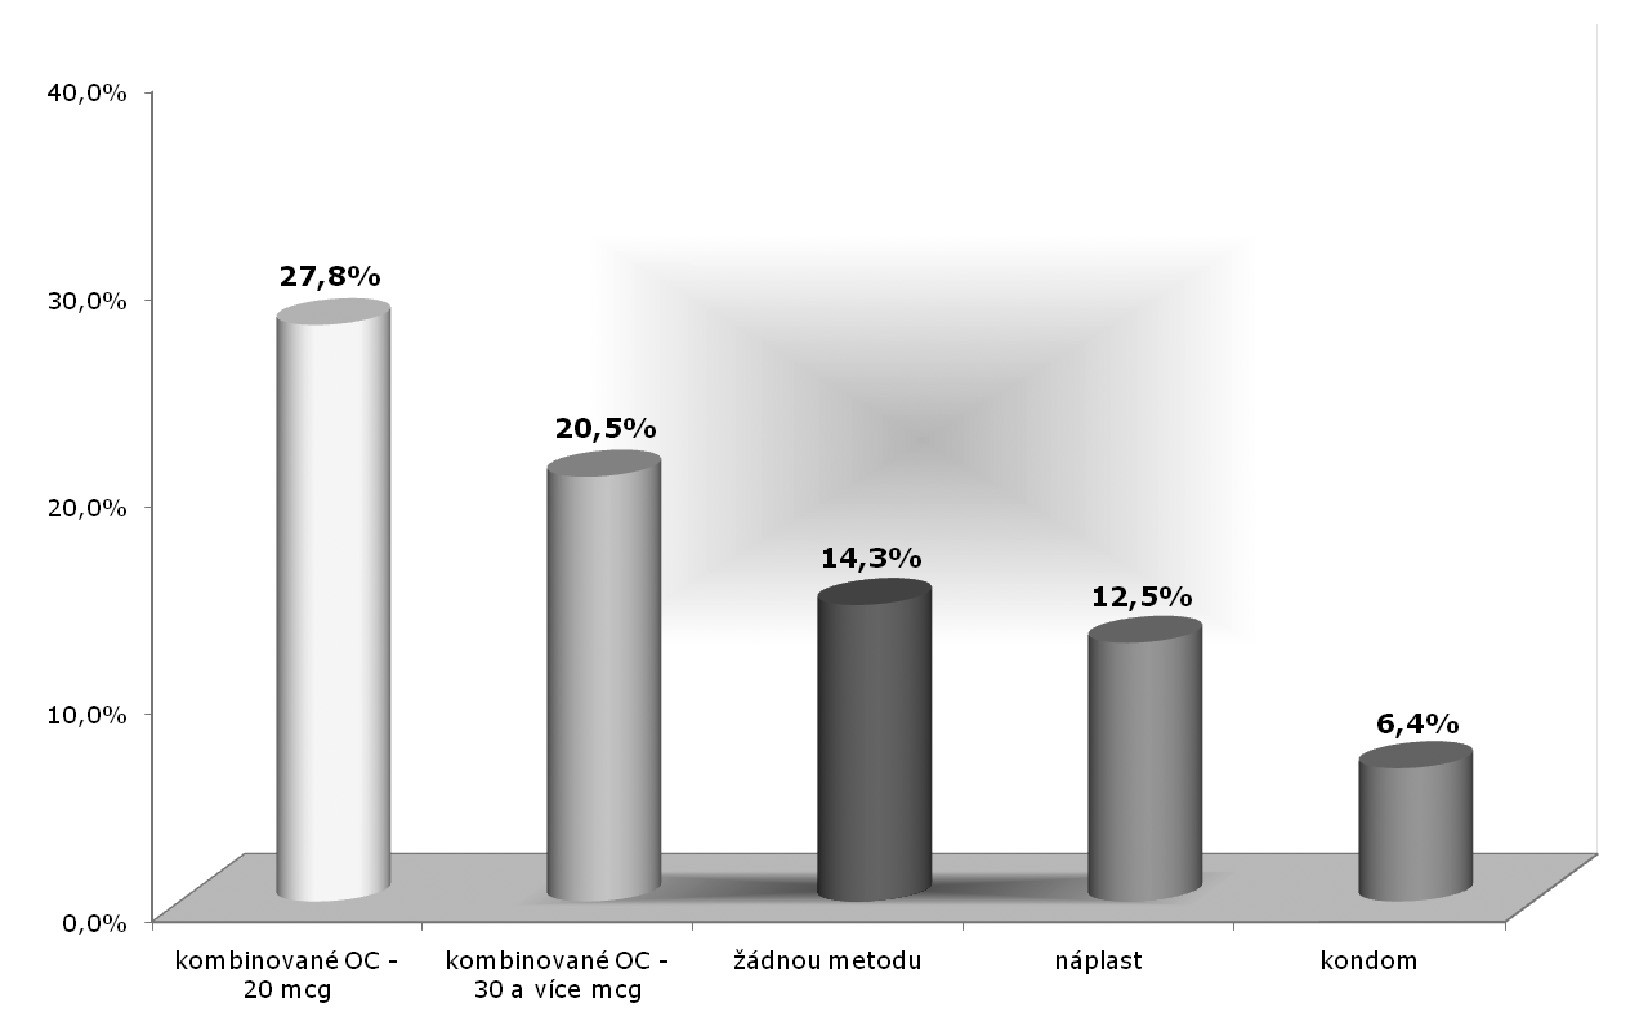 Užívání antikoncepce před vstupem do studie (% uživatelek)